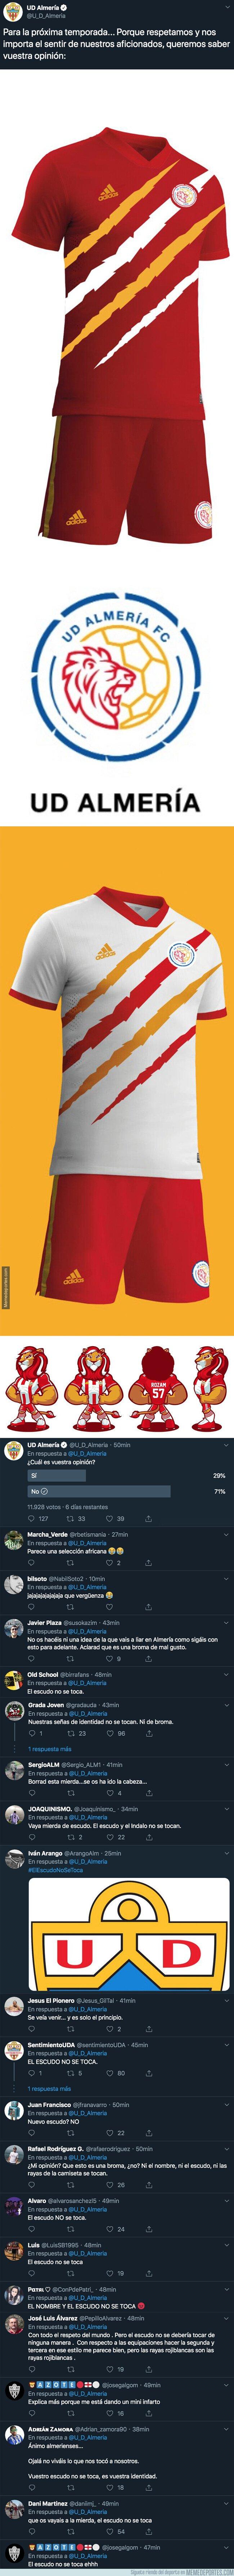 1085055 - Lío monumental: Turki, el dueño del Almería ha propuesto cambiar el escudo del club y la equipación y todo el mundo se está rebelando en las respuestas